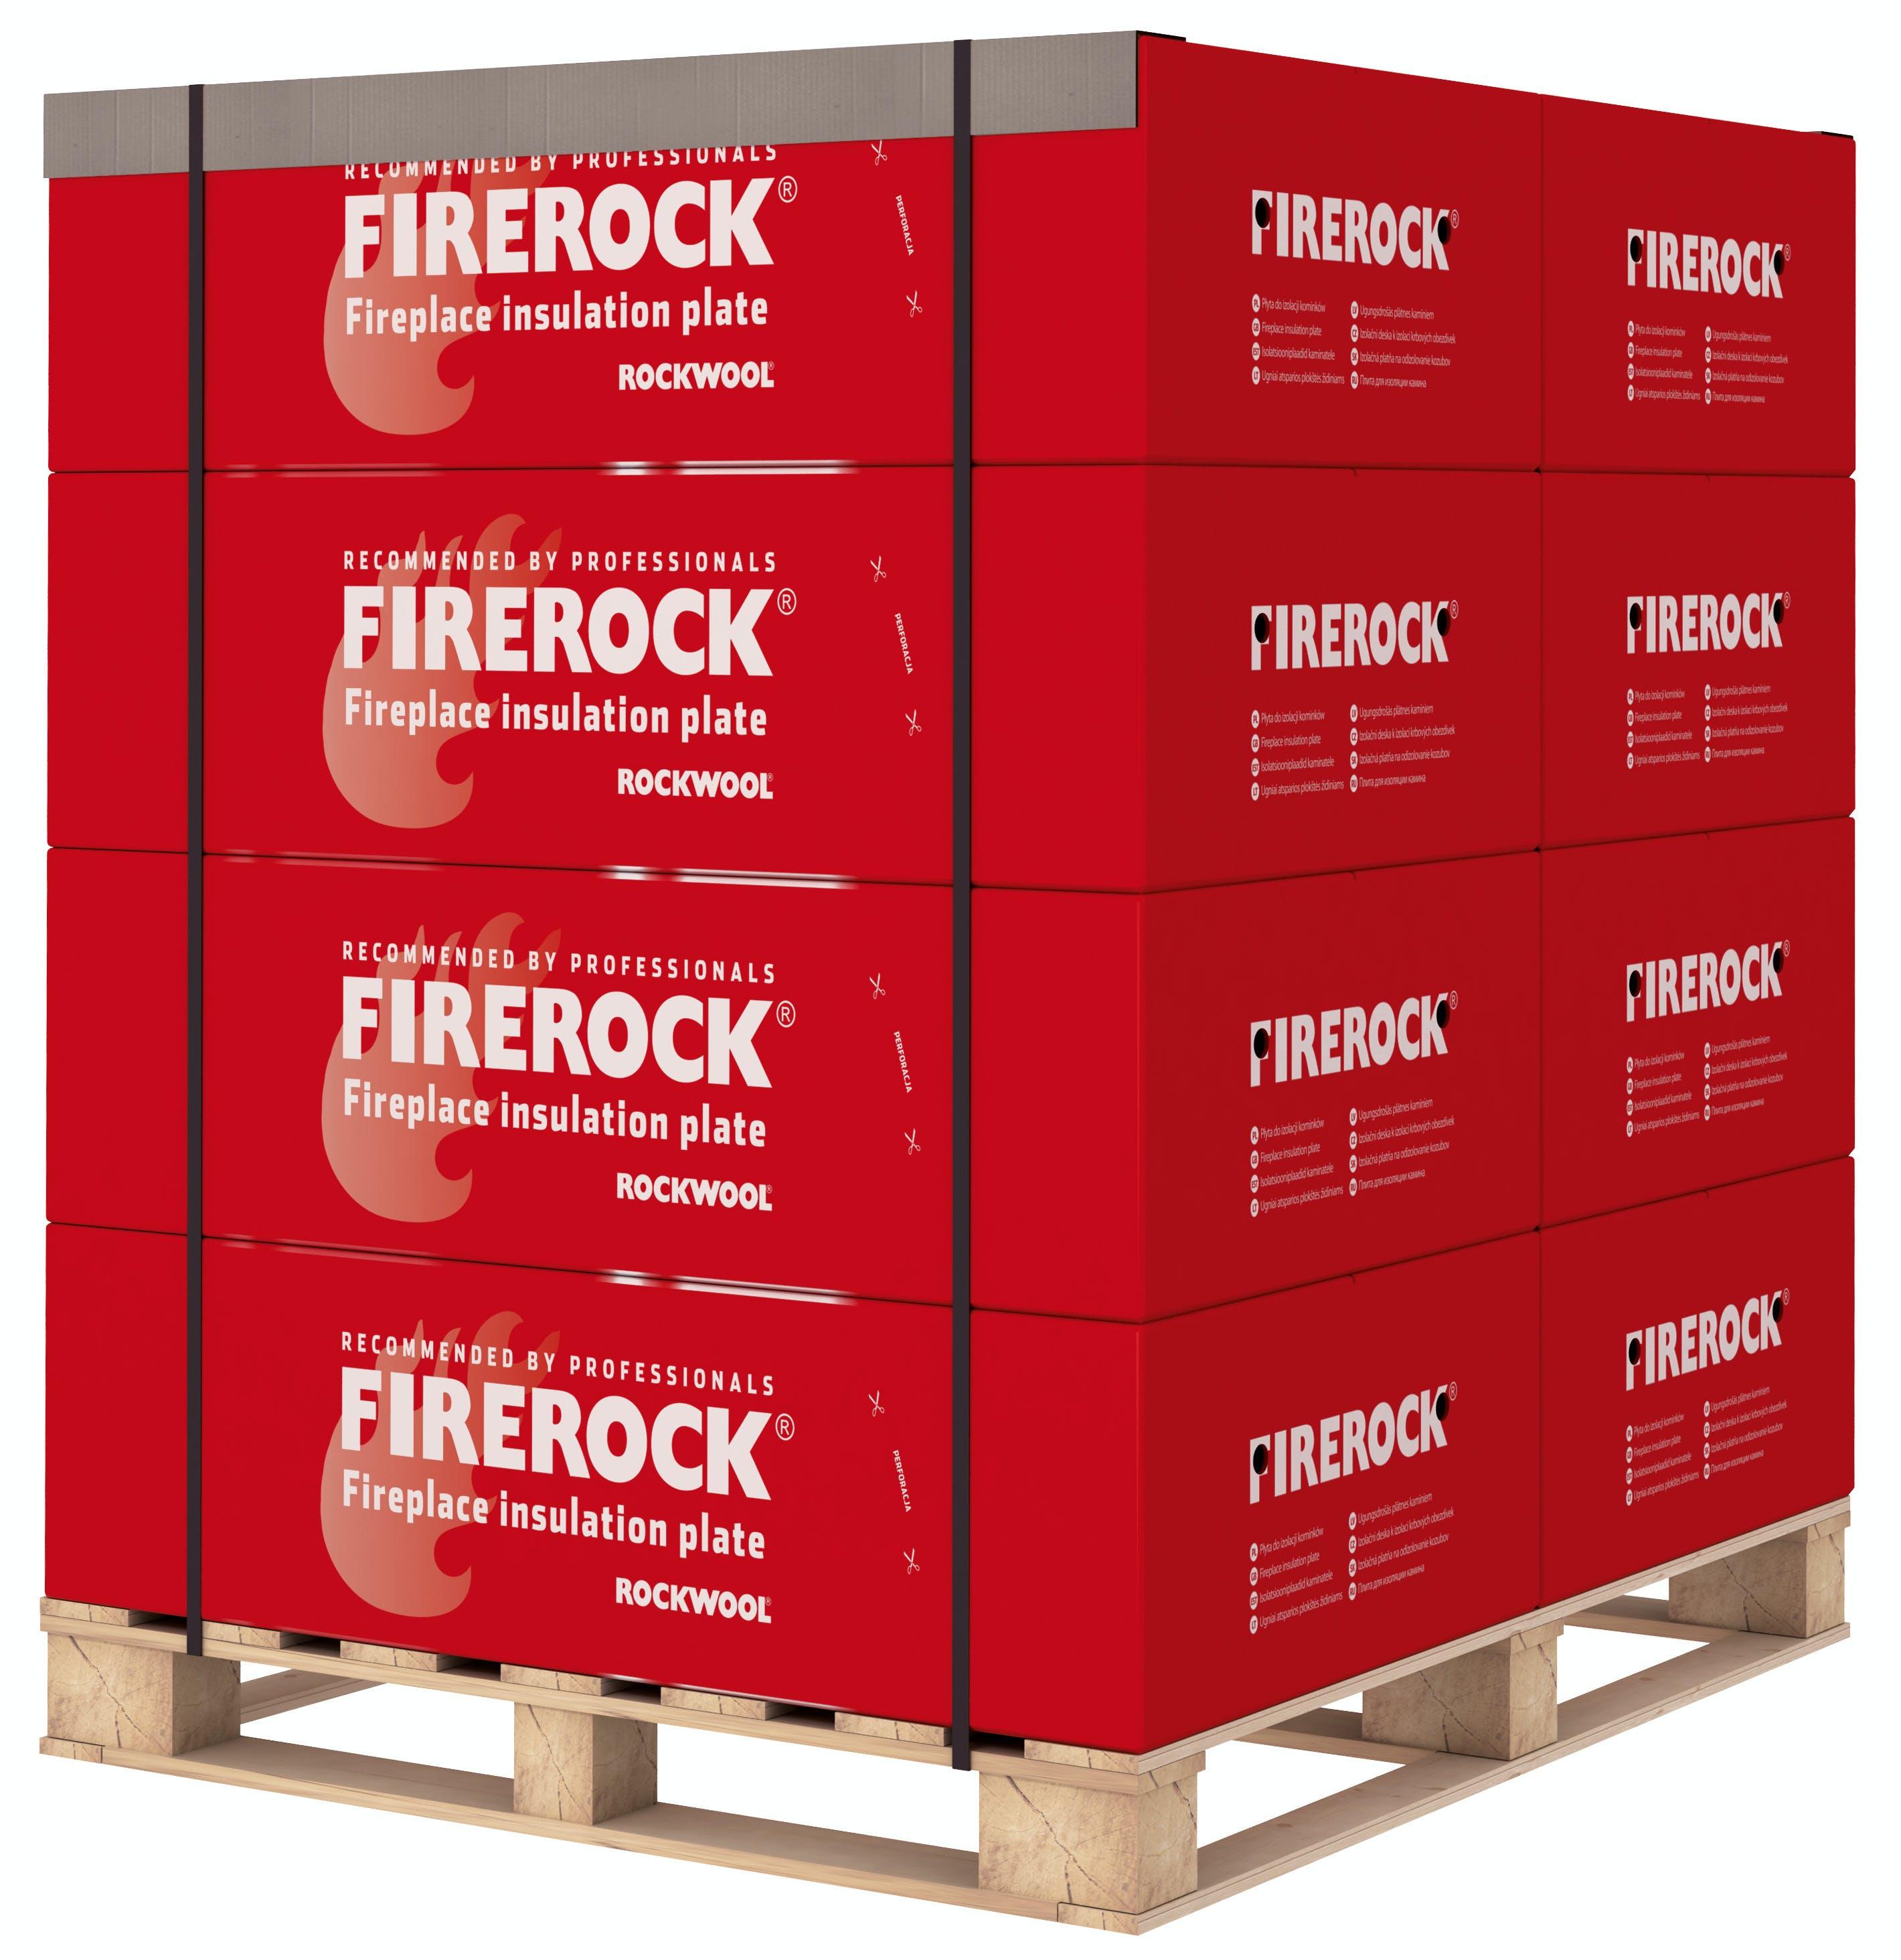 Firerock, CEE, HU,